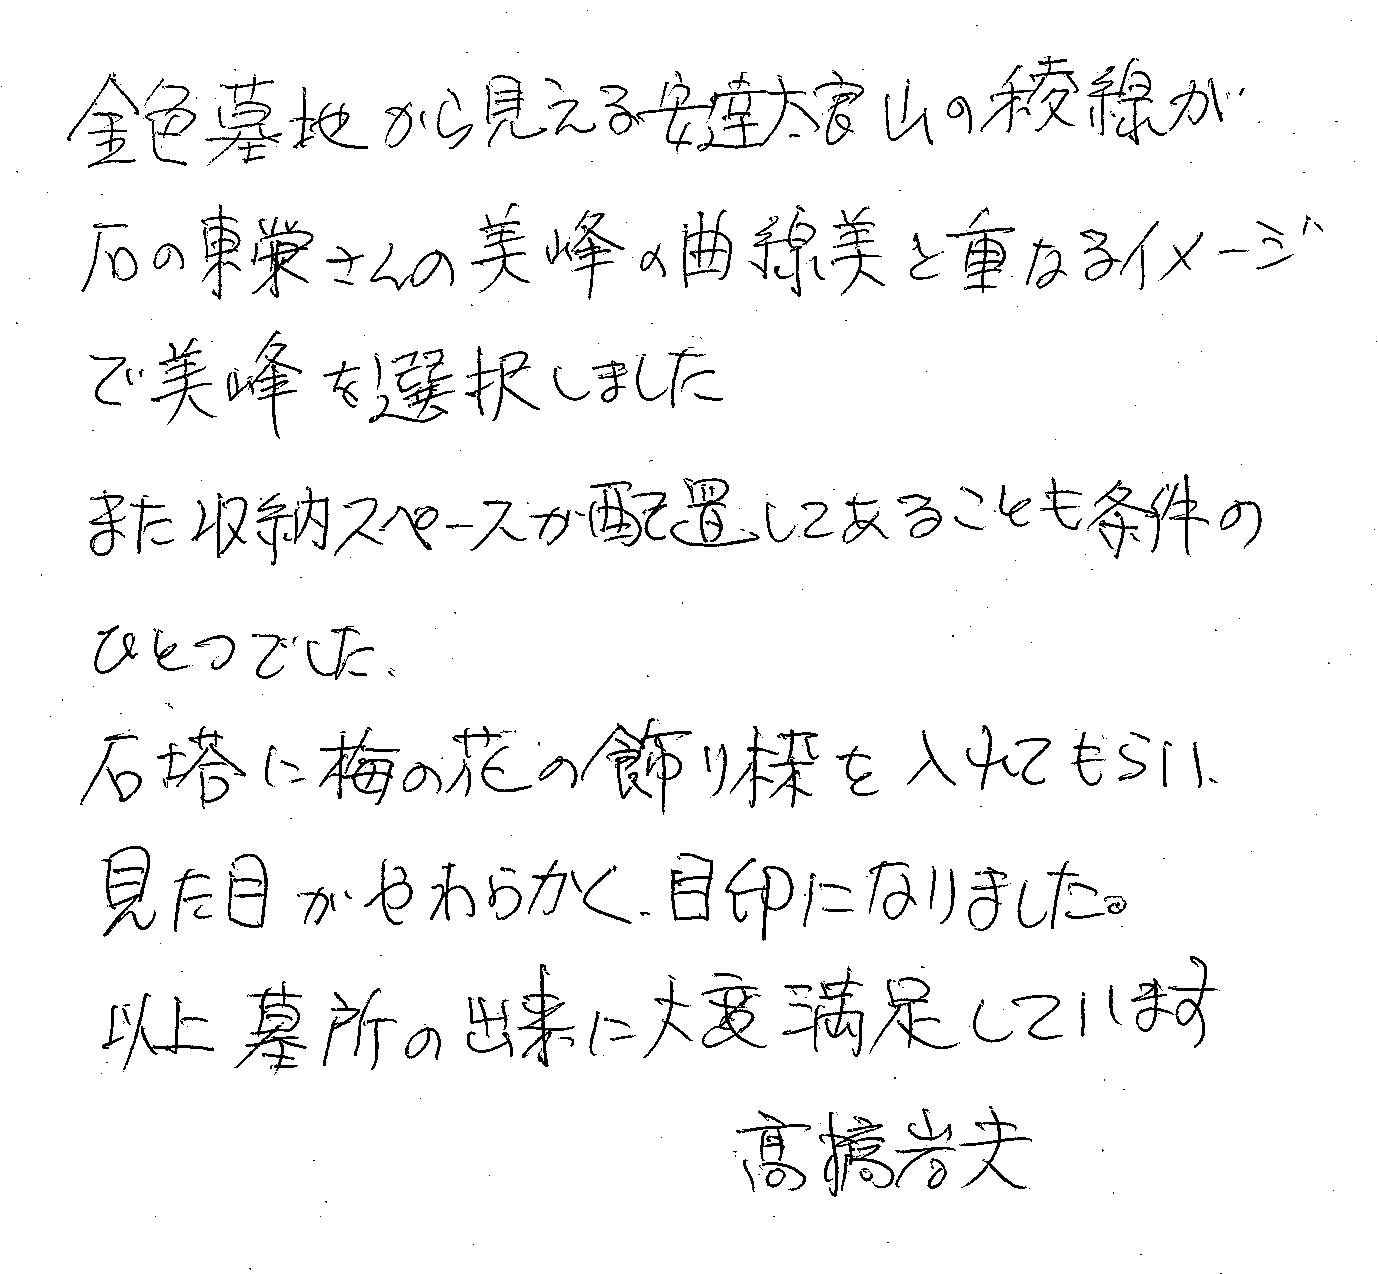 お客様よりお手紙を頂きました。